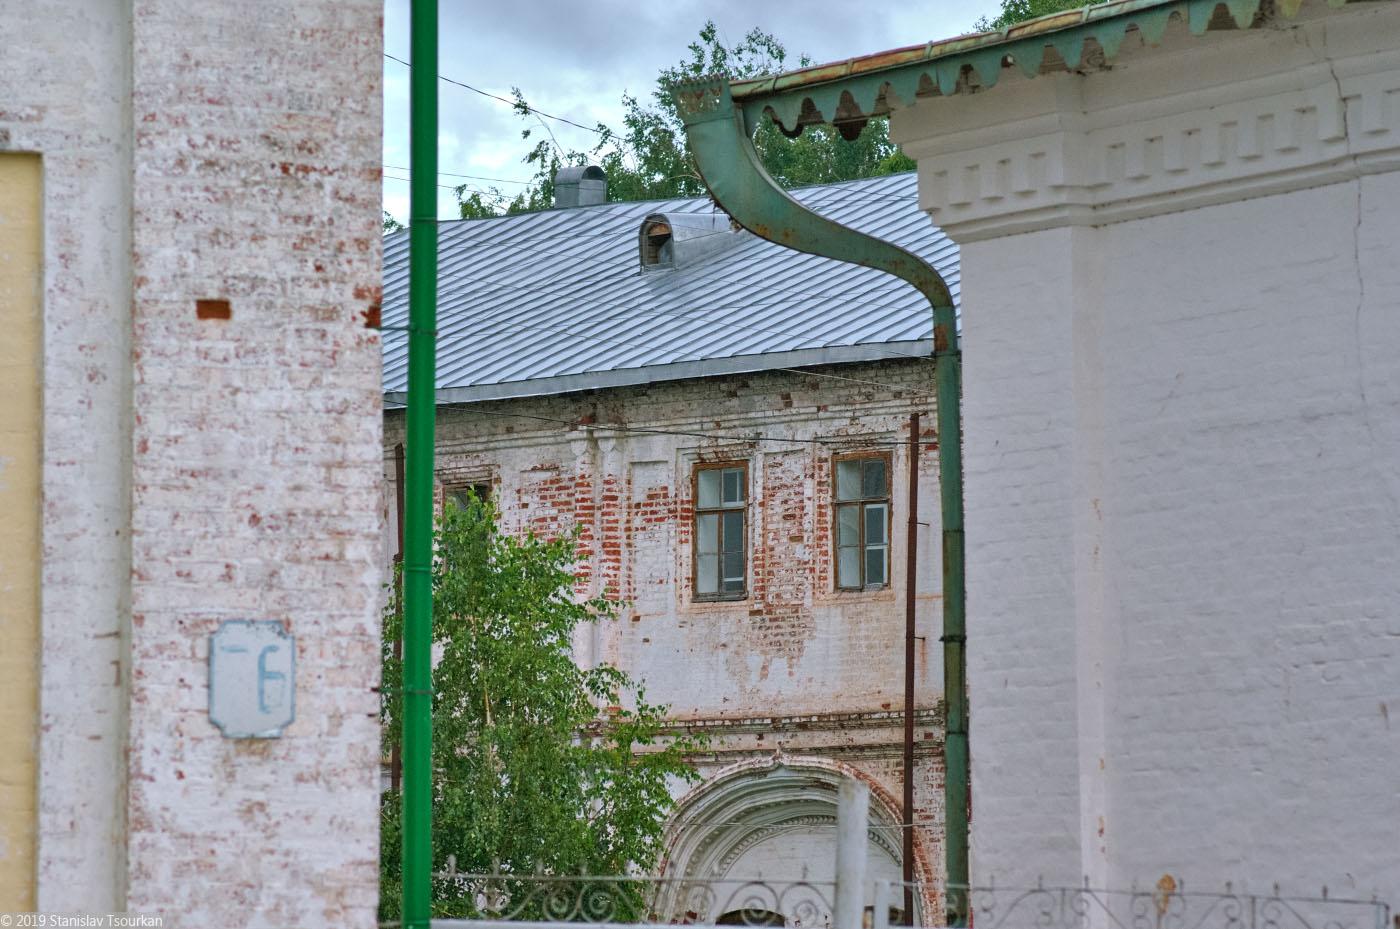 Вологодская область, Вологодчина, Великий устюг, Русский север, домики